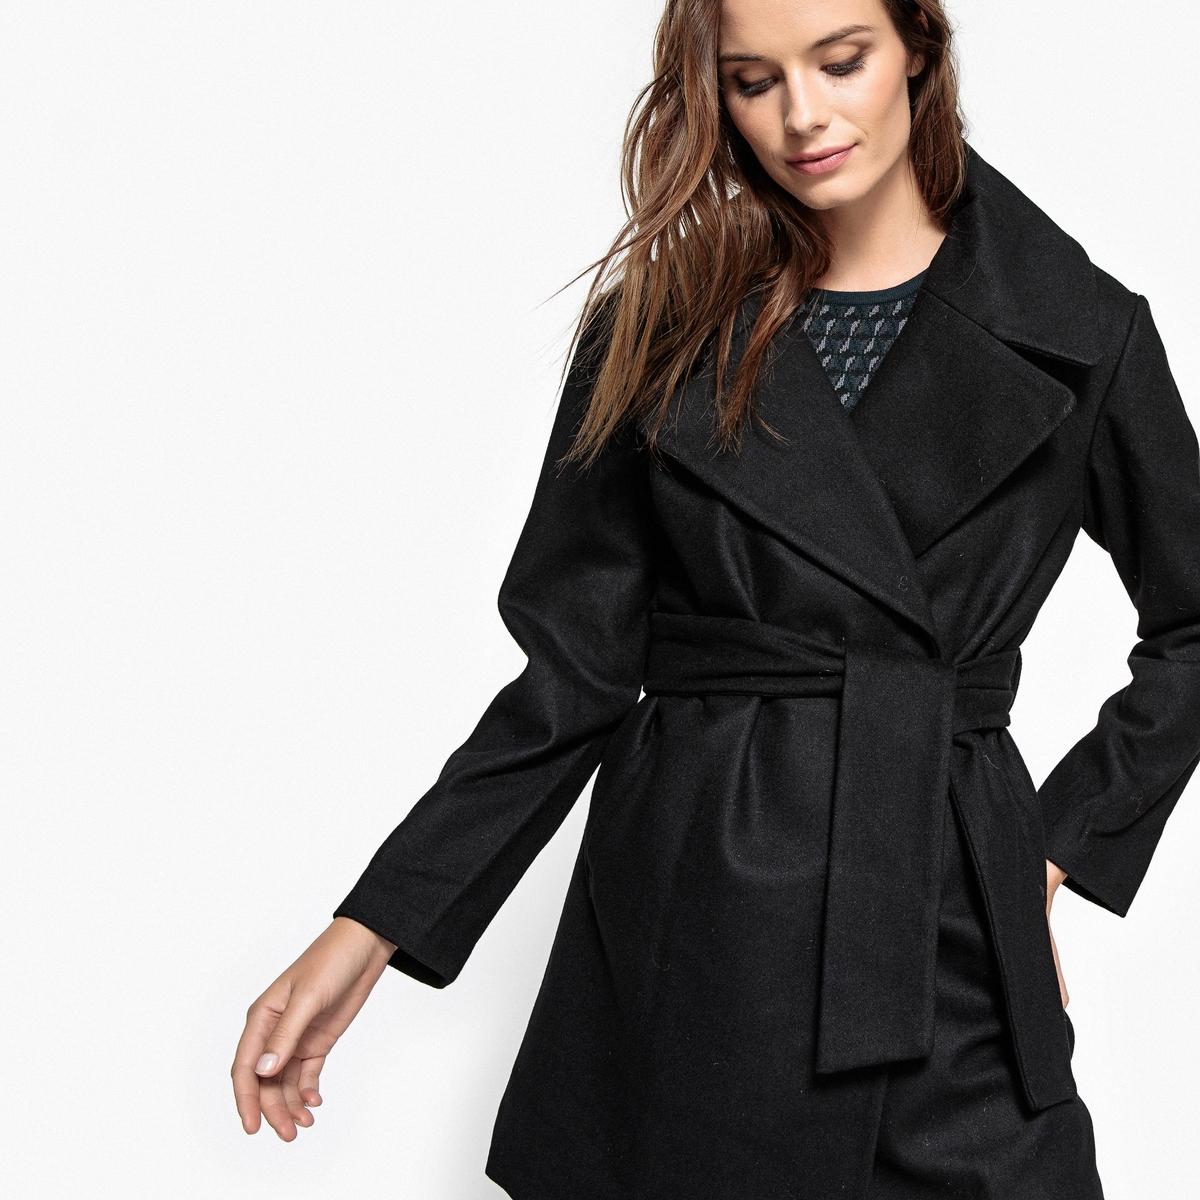 Пальто с ремешком из шерстяного драпа BanjoВеликолепное пальто Banjo от KAPORAL защитит вас от зимних холодов .  Очень модное и элегантное пальто средней длины с ремешком .Детали •  Длина : средняя •  Воротник-поло, рубашечный • Застежка на пуговицыСостав и уход •  50% шерсти, 50% полиэстера •  Следуйте советам по уходу, указанным на этикетке<br><br>Цвет: черный<br>Размер: XS.M